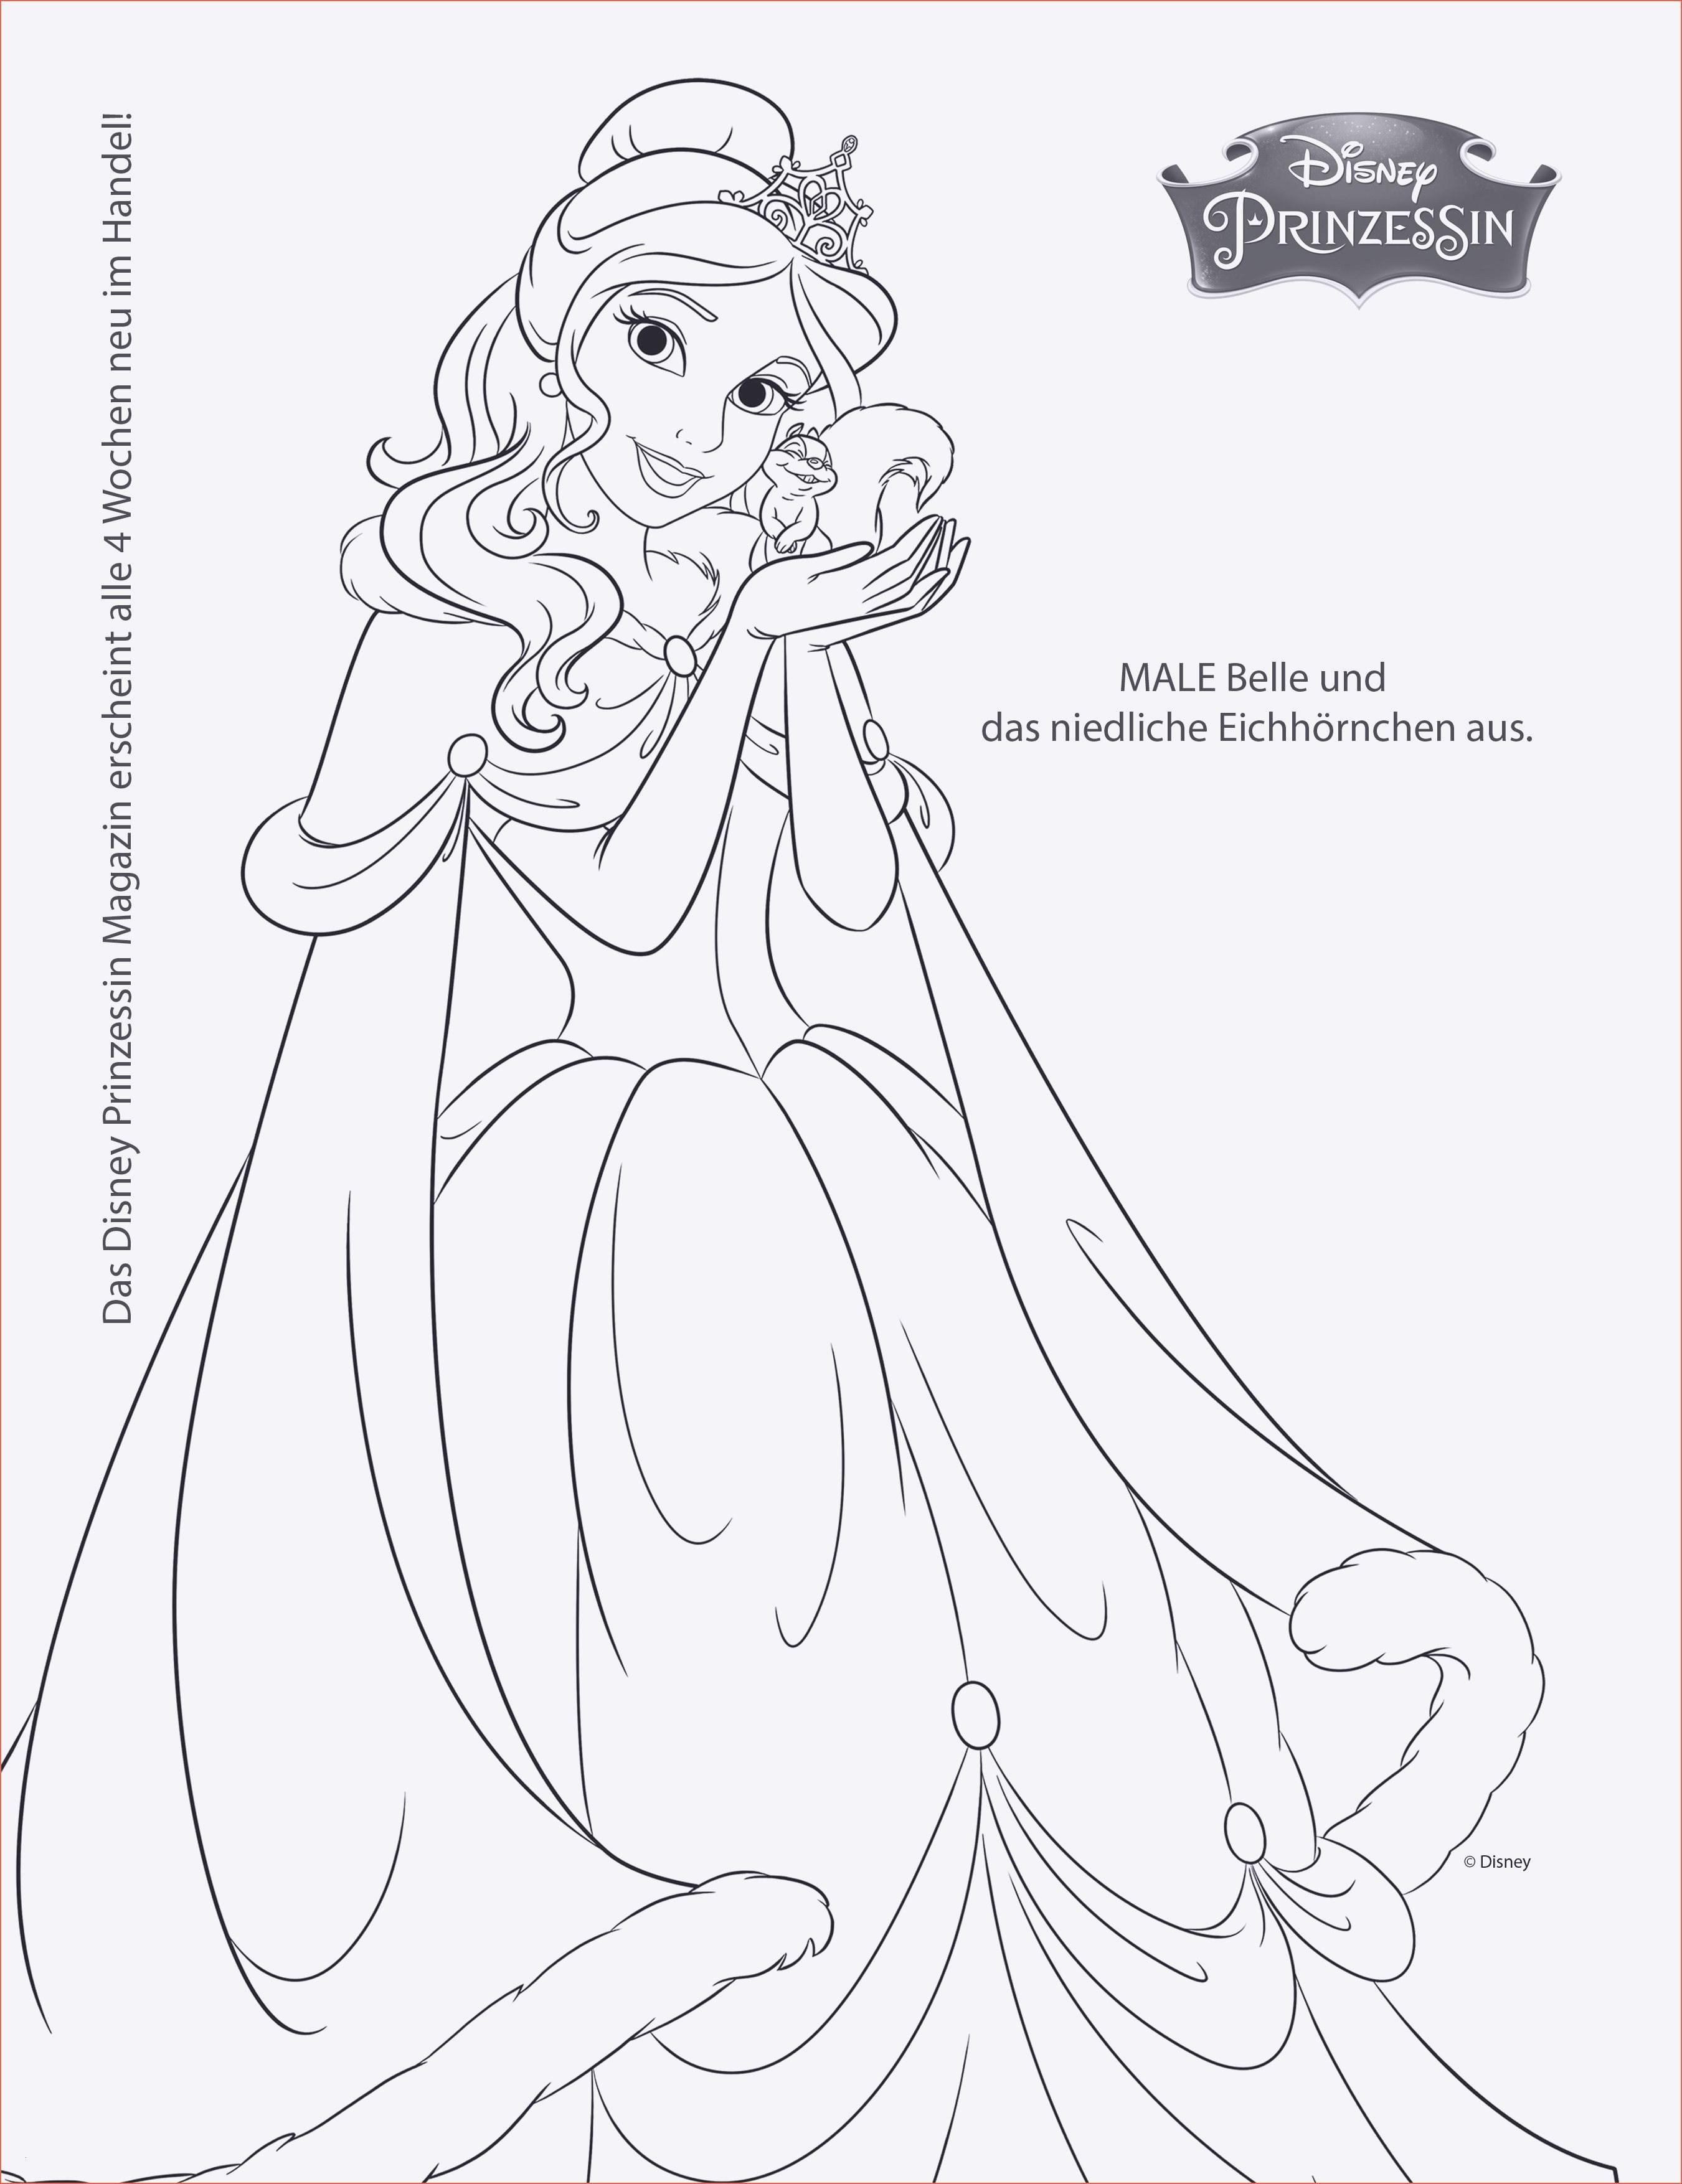 Alvin Und Die Chipmunks Ausmalbilder Frisch Alvin Und Die Chipmunks Ausmalbilder Elegant Malvorlagen Gratis Fotos